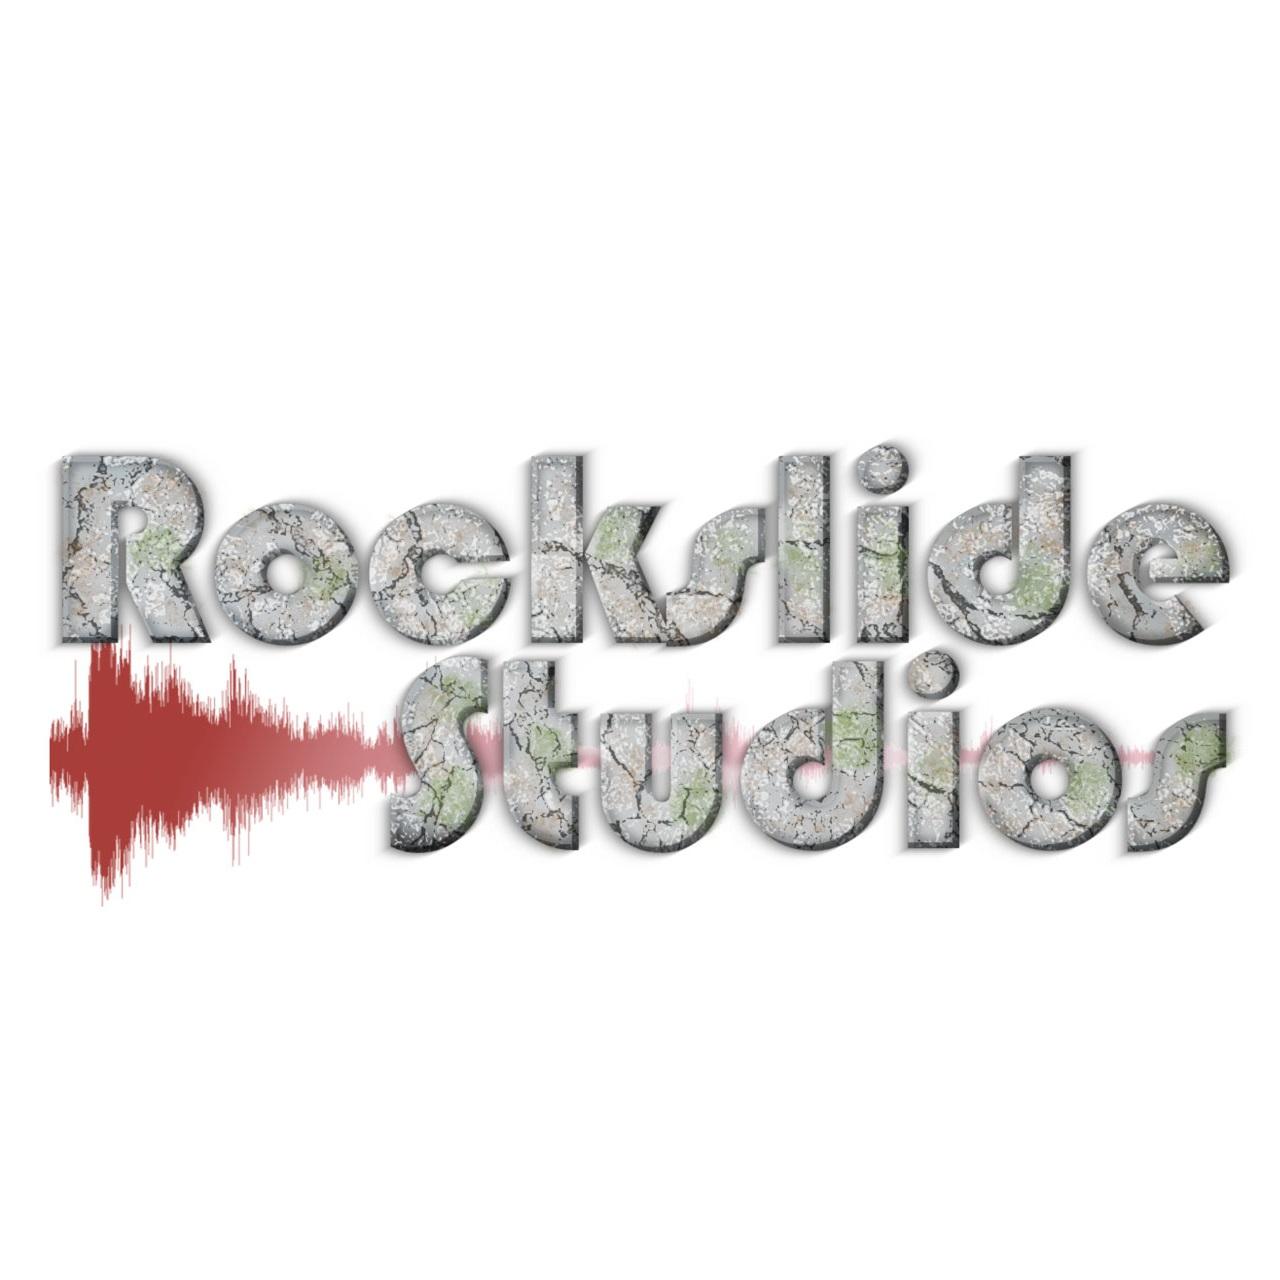 Rockslide Studios in Andover, NJ